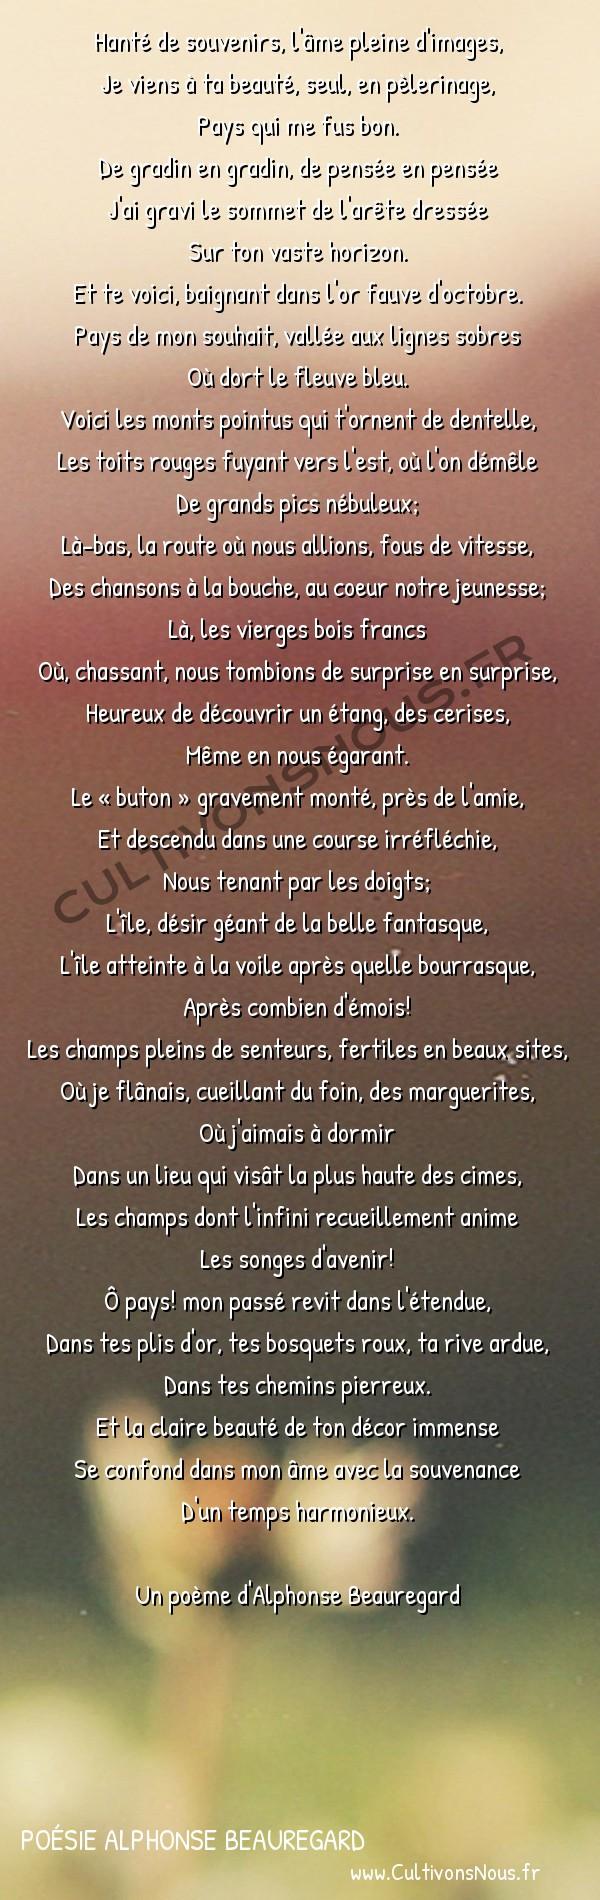 Poésie Alphonse Beauregard - Les Alternances - Paysage aimé -  Hanté de souvenirs, l'âme pleine d'images, Je viens à ta beauté, seul, en pèlerinage,